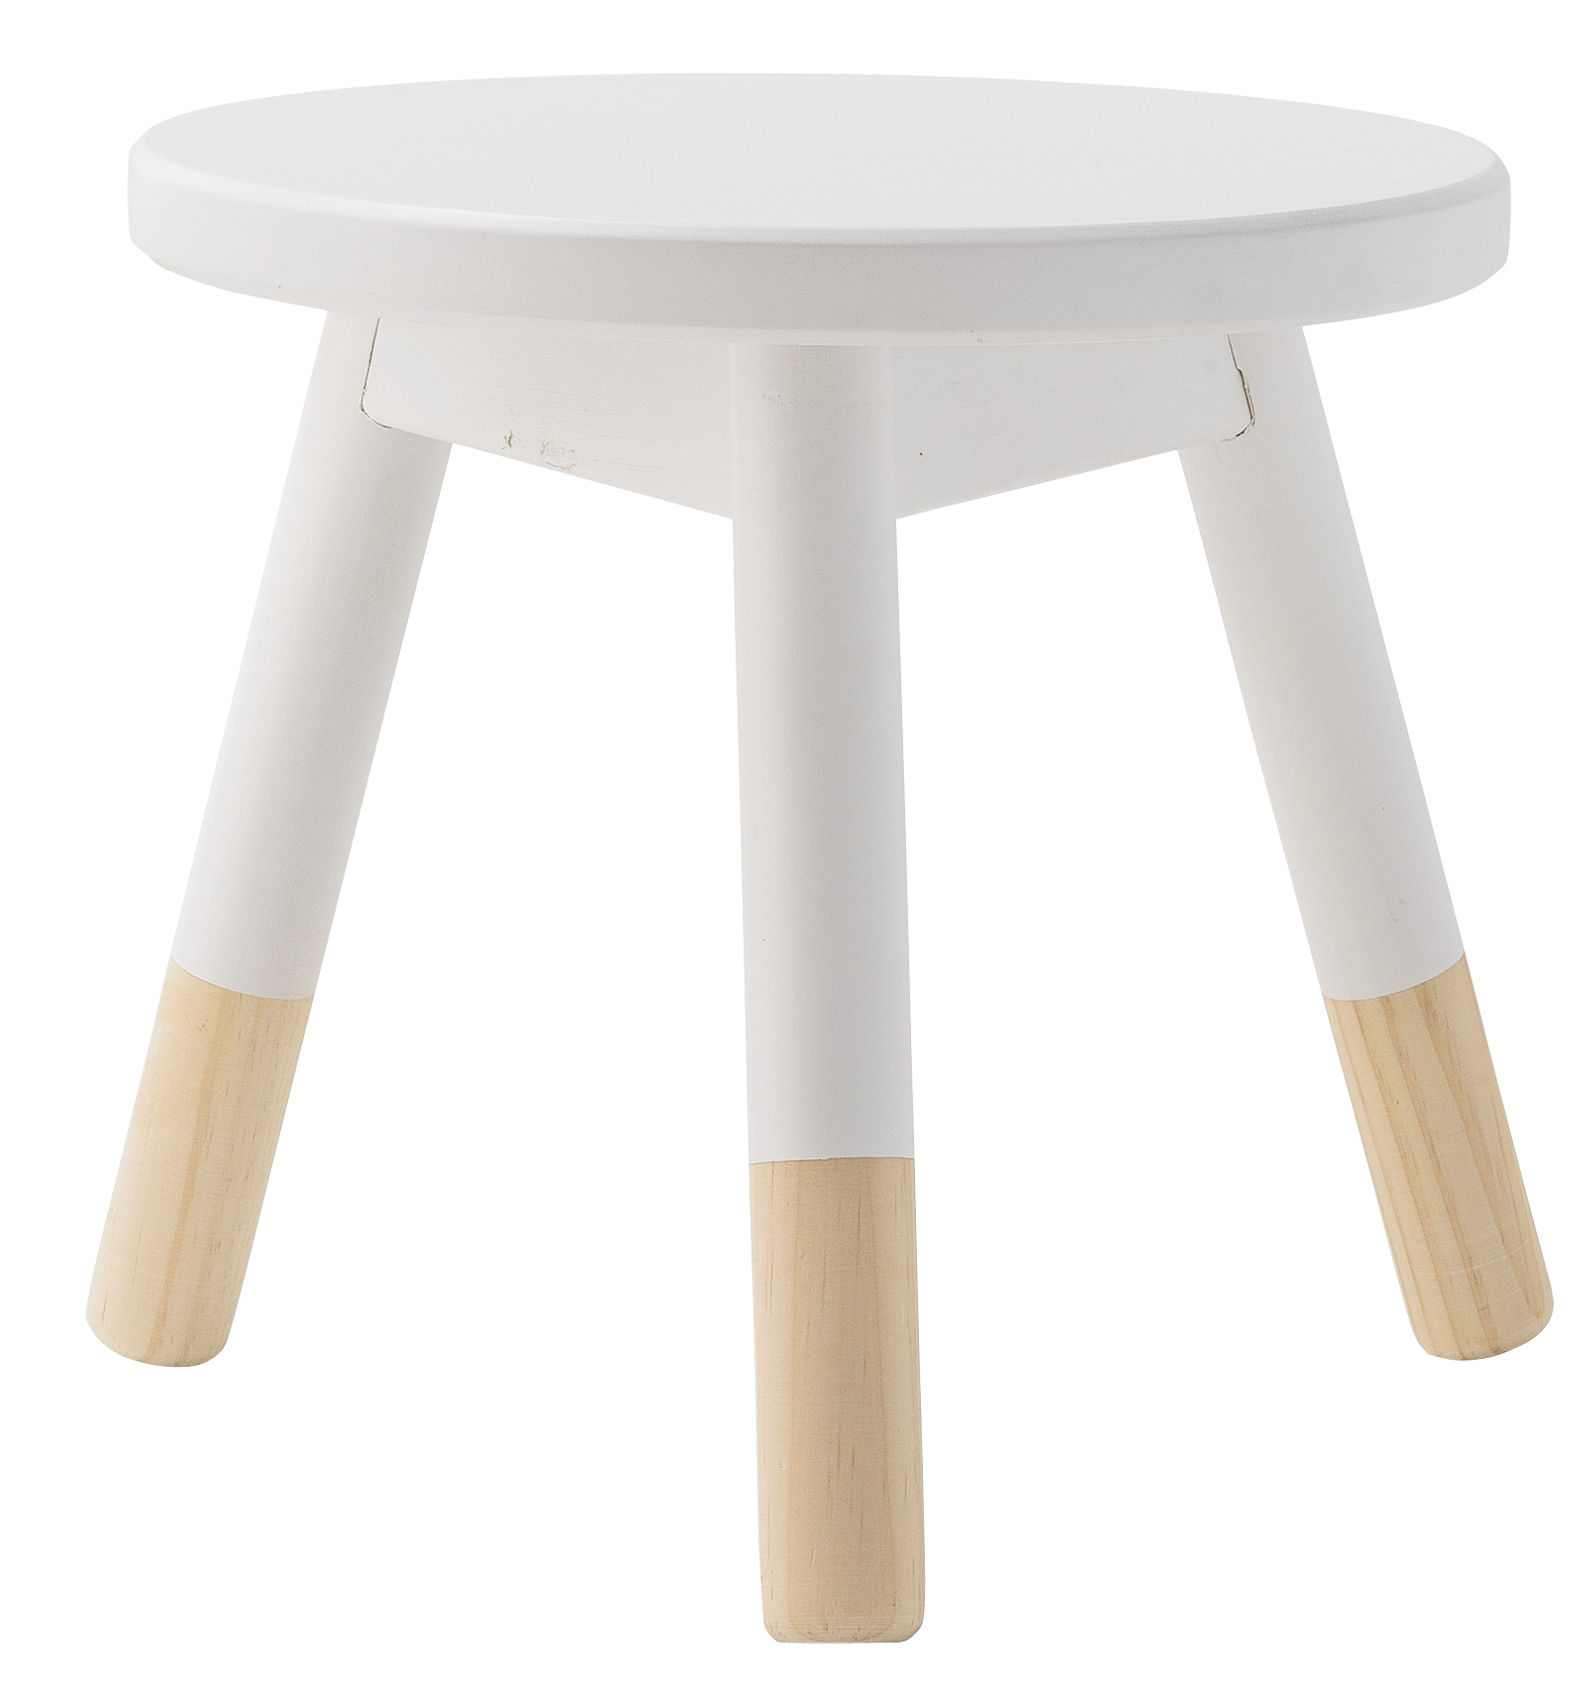 Kindermöbel | Möbel für Kinder online kaufen